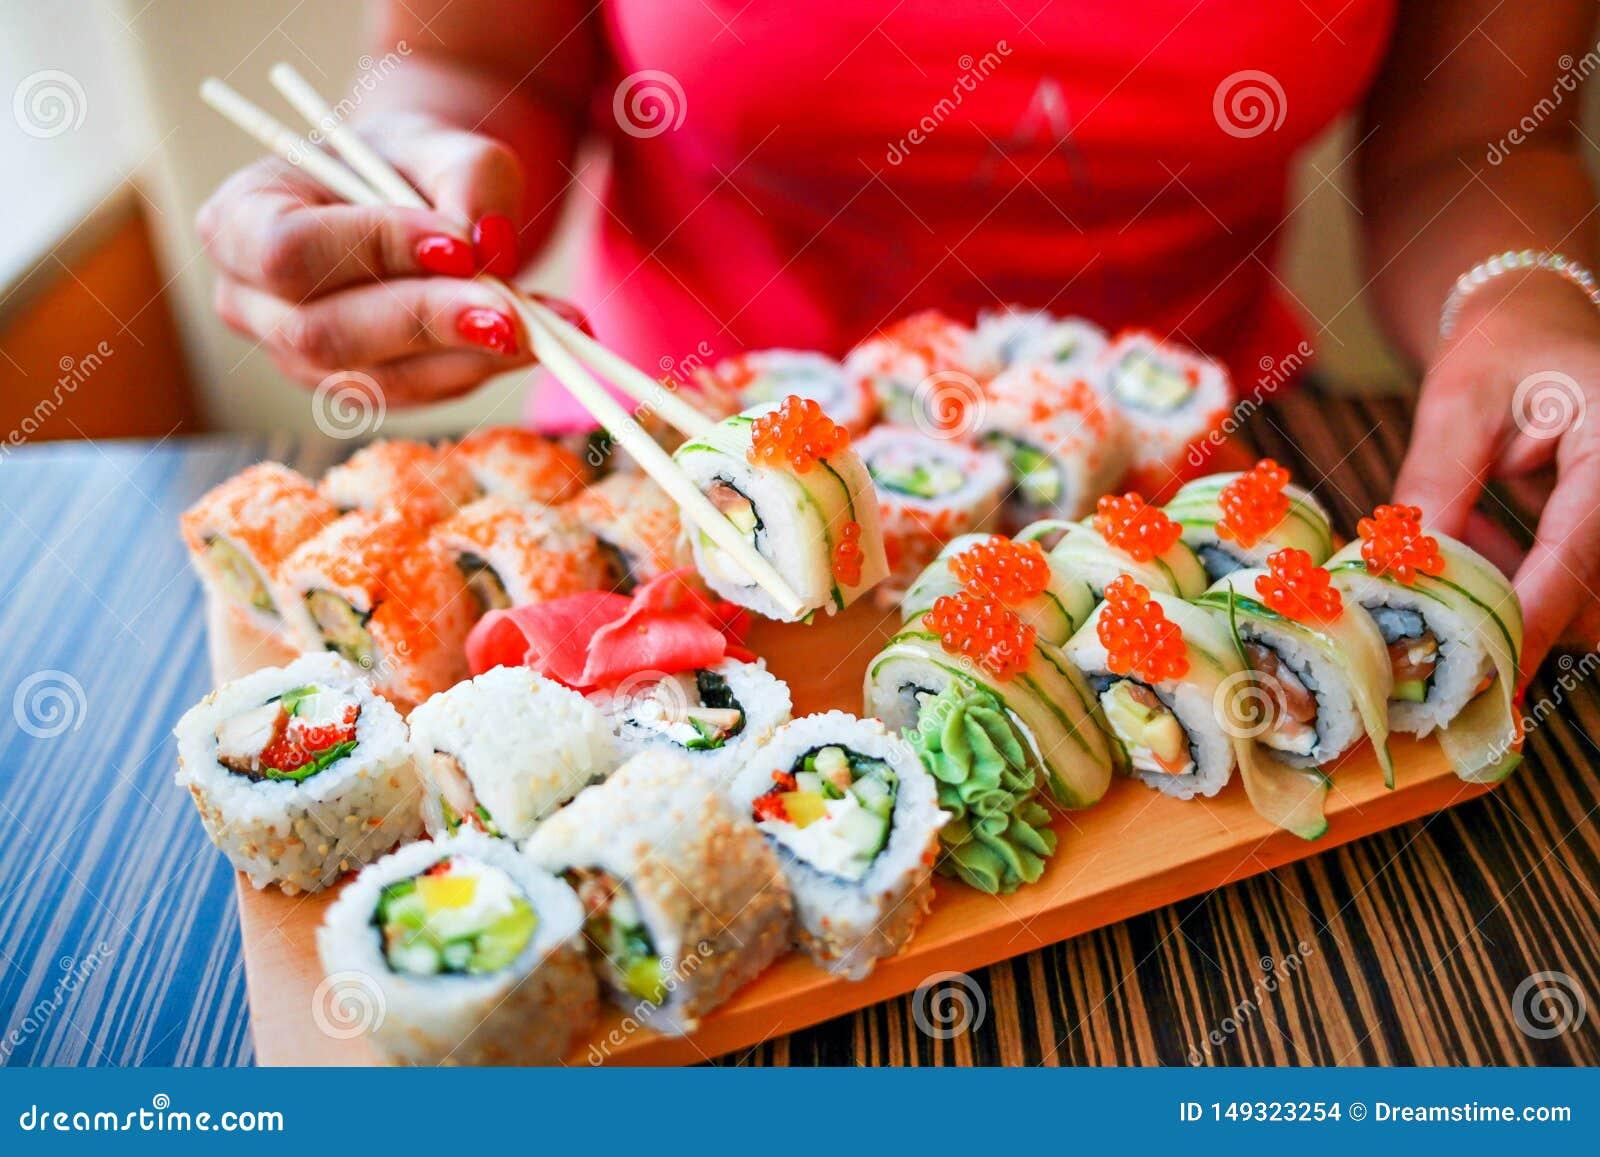 Девушка с хорошо выхоленными руками держит палочки для суш Девушка ест большой набор суш